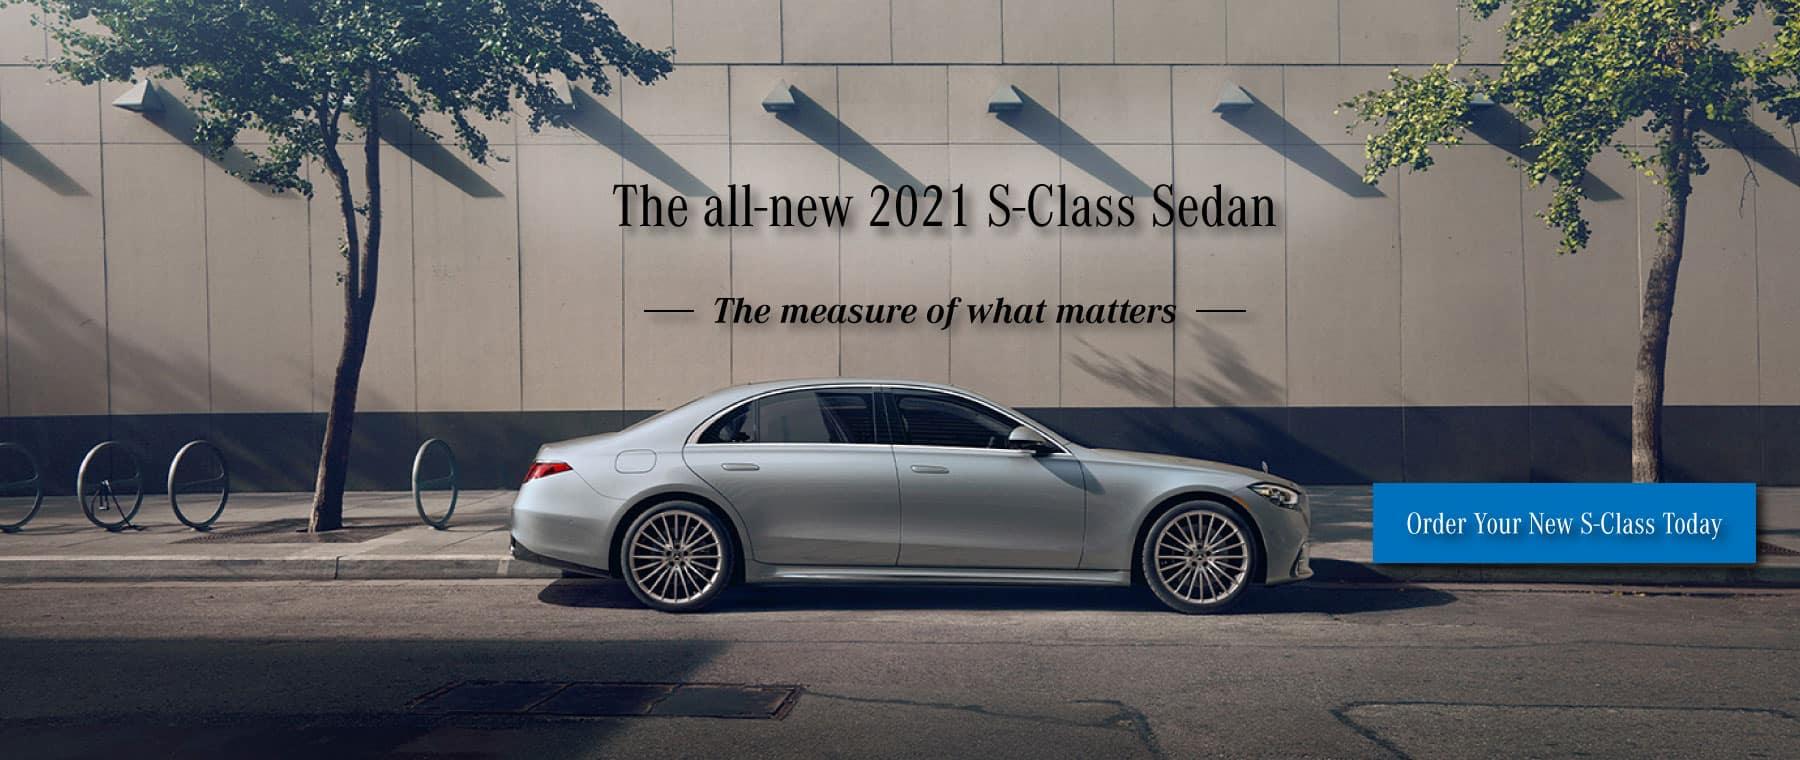 Mercedes-Benz of Greenwich 2021 S-Class Sedan